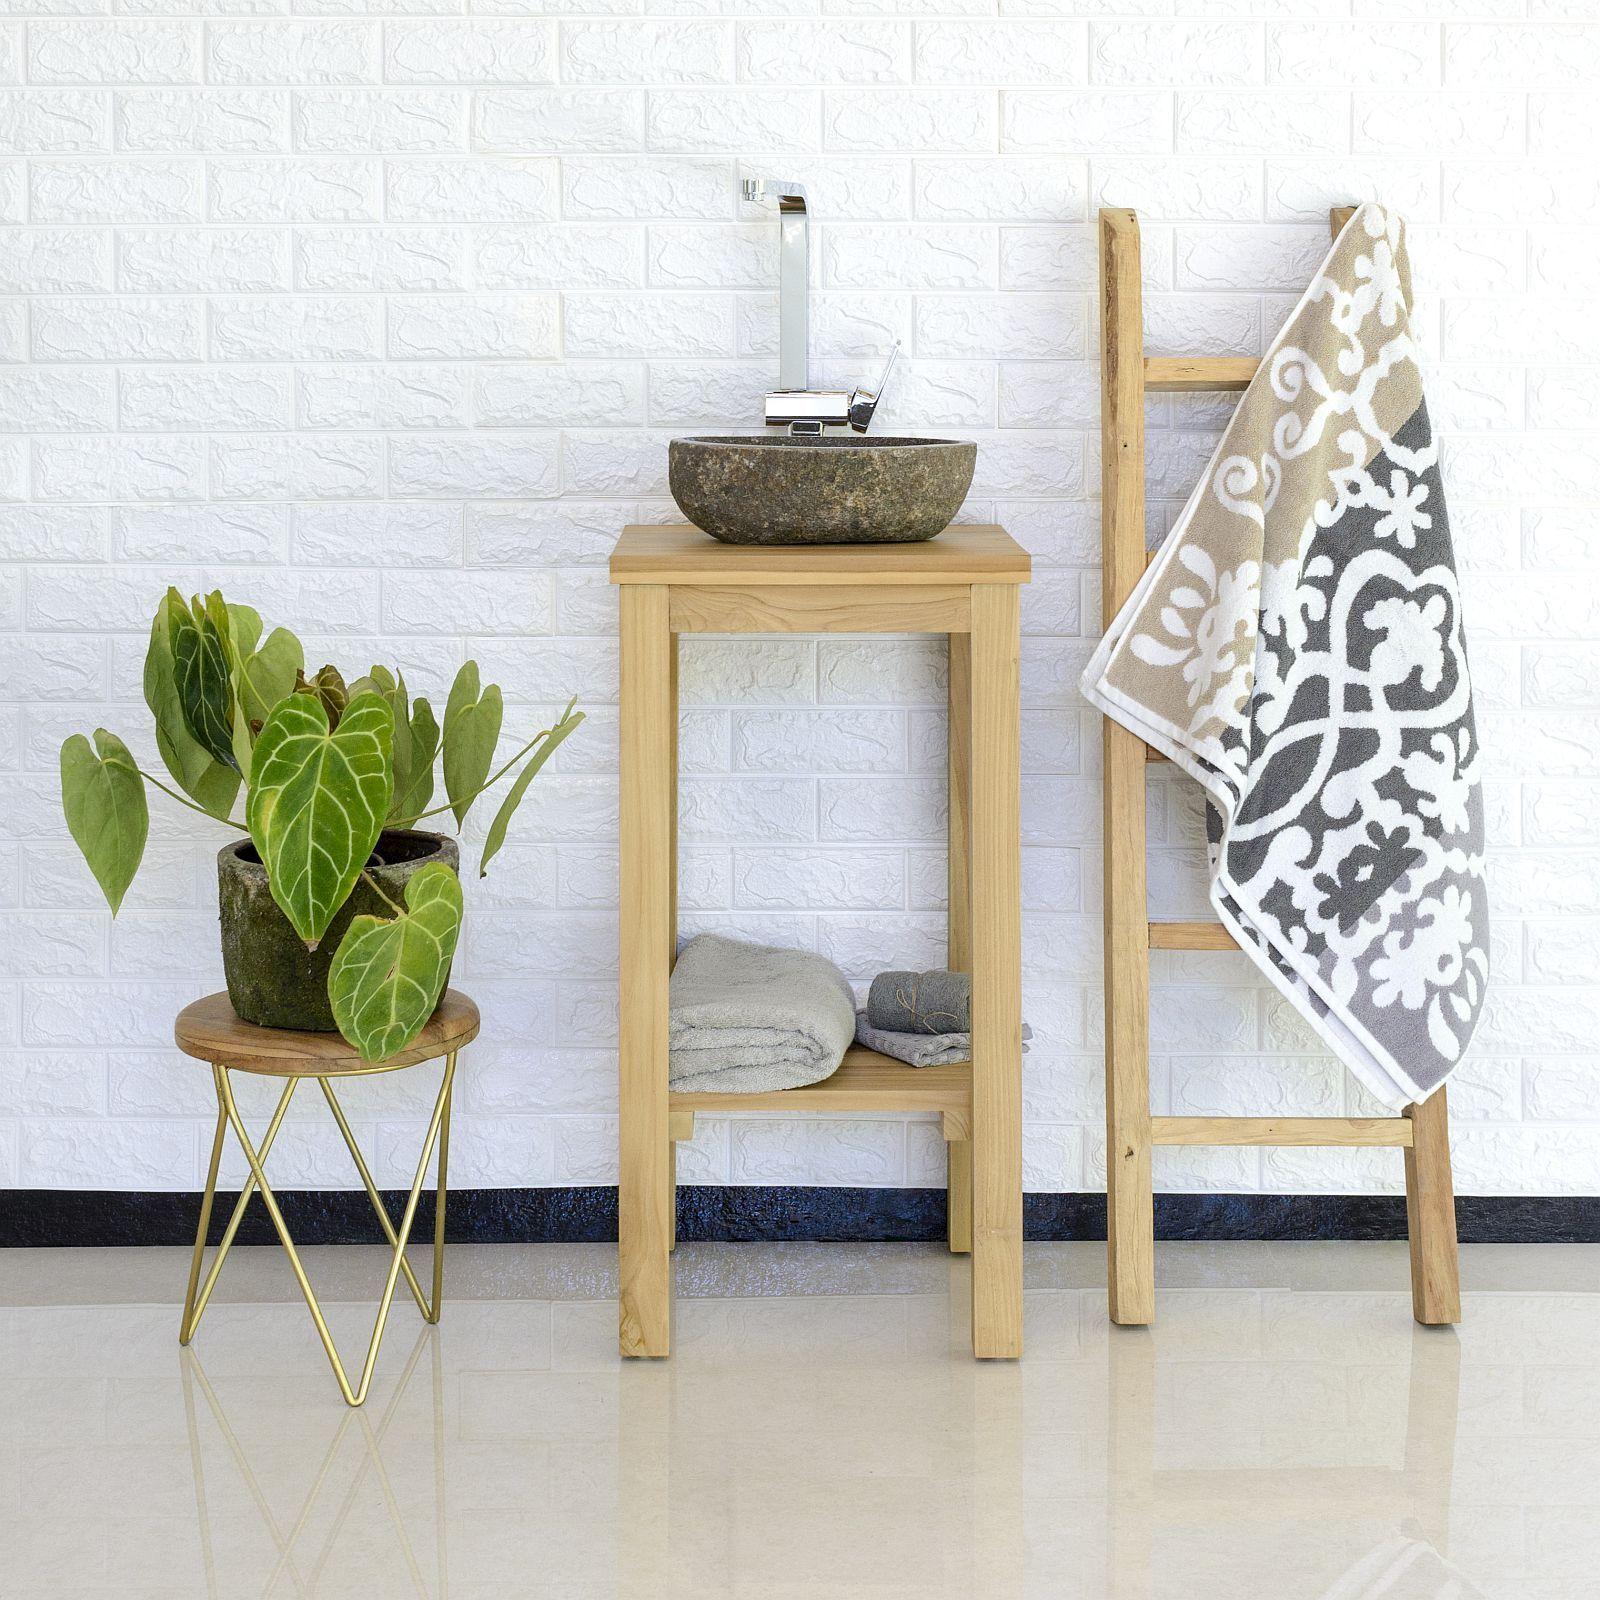 wohnfreuden Waschtisch SMINI lasiert aus Teakholz 38x38x80 cm Unterschrank Holz